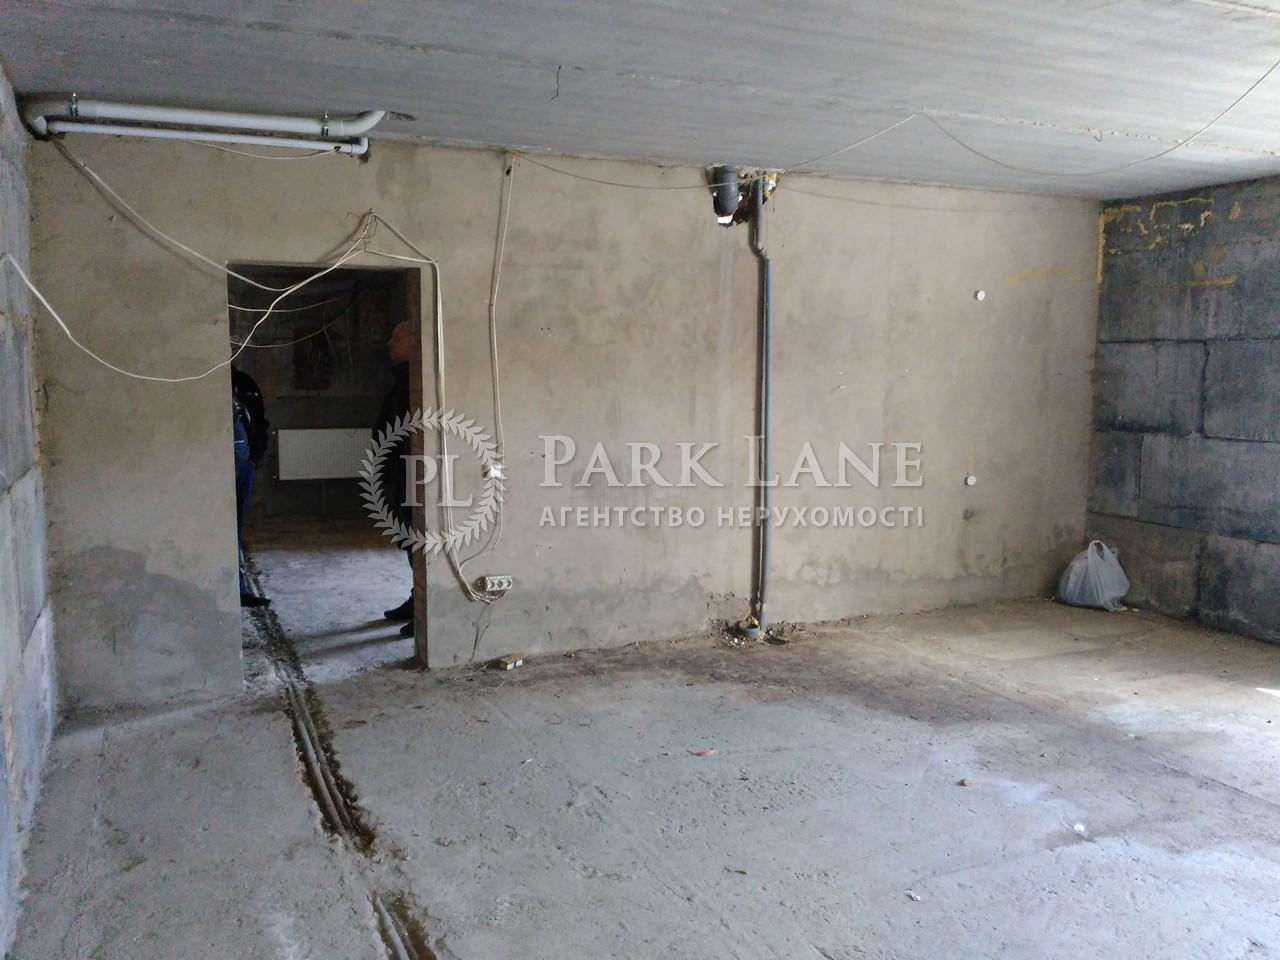 Нежитлове приміщення, Шкільний пров., Софіївська Борщагівка, R-20652 - Фото 1